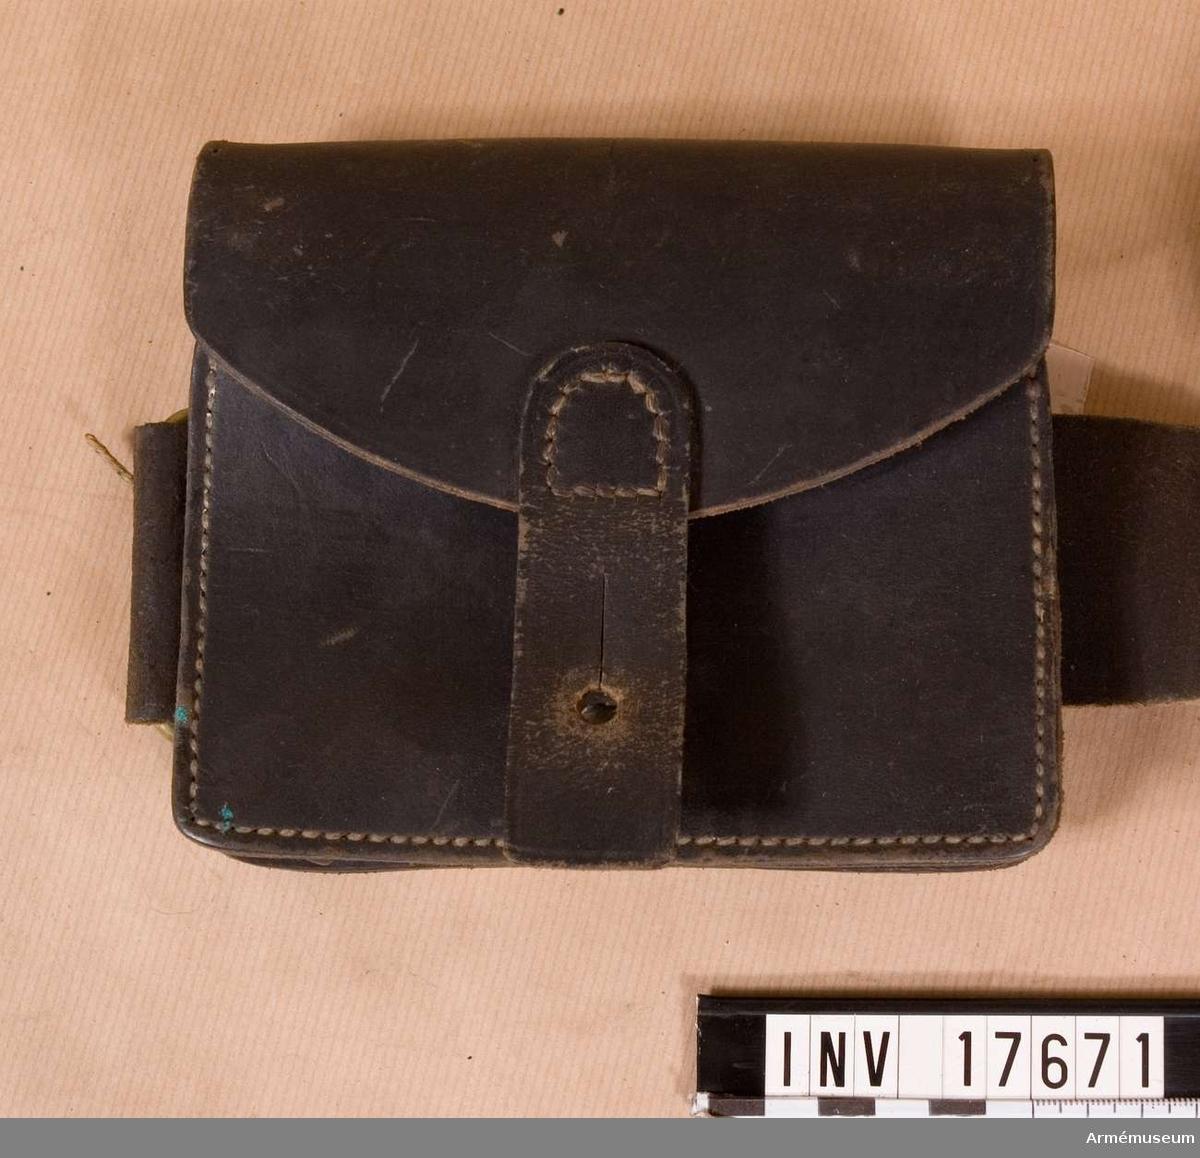 """En av tre patronväskor av svartfärgat läder (till Lebelgevär m/1886). De består av lock: detta har en läderbit med knapphål, som stänges på framsidan. Väskorna på framsidan en knapp och på baksidan en bred hylsa av samma läder, med vilken man fäster  dem vid livremmen sammt en ring, som kopplas till  tornisterremmen. På baksidan av patronväskornas lock finns  stämplar:1) halvrunda: """"Commission de réception"""" 12.8.1899"""" 2) intryckt stämpel: """"1899"""" 3) rund med påskriften: """"A. Cendrov. F.F. Gurnier & Co Paris"""", 4) liten rund med bokstäverna: """"G.P.K."""".Patronväskorna har pappersetiketter med påskrifter: """"Frankrike. Cartouchiens"""" (patronväska) """"Bekommen år 1900"""" """"Frankrike. Ceintouron avec plaque verron et porte-epée bajonette"""". Litteratur: Se 17669. Enligt kapten W Granberg (med blyerts: 1949)."""